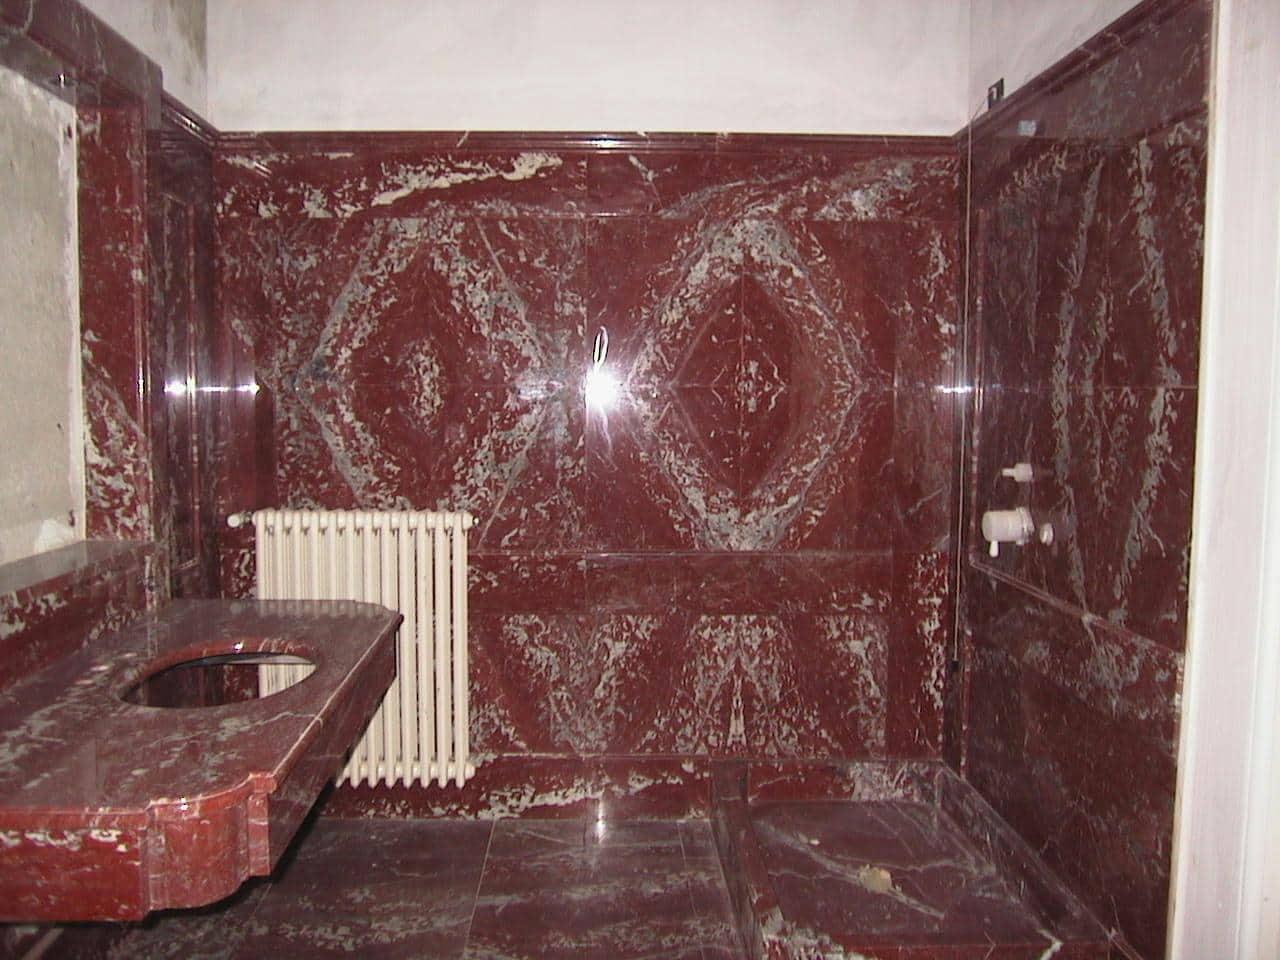 marmo rosso francia il rosso francia è un marmo di colore rosso scuro ...